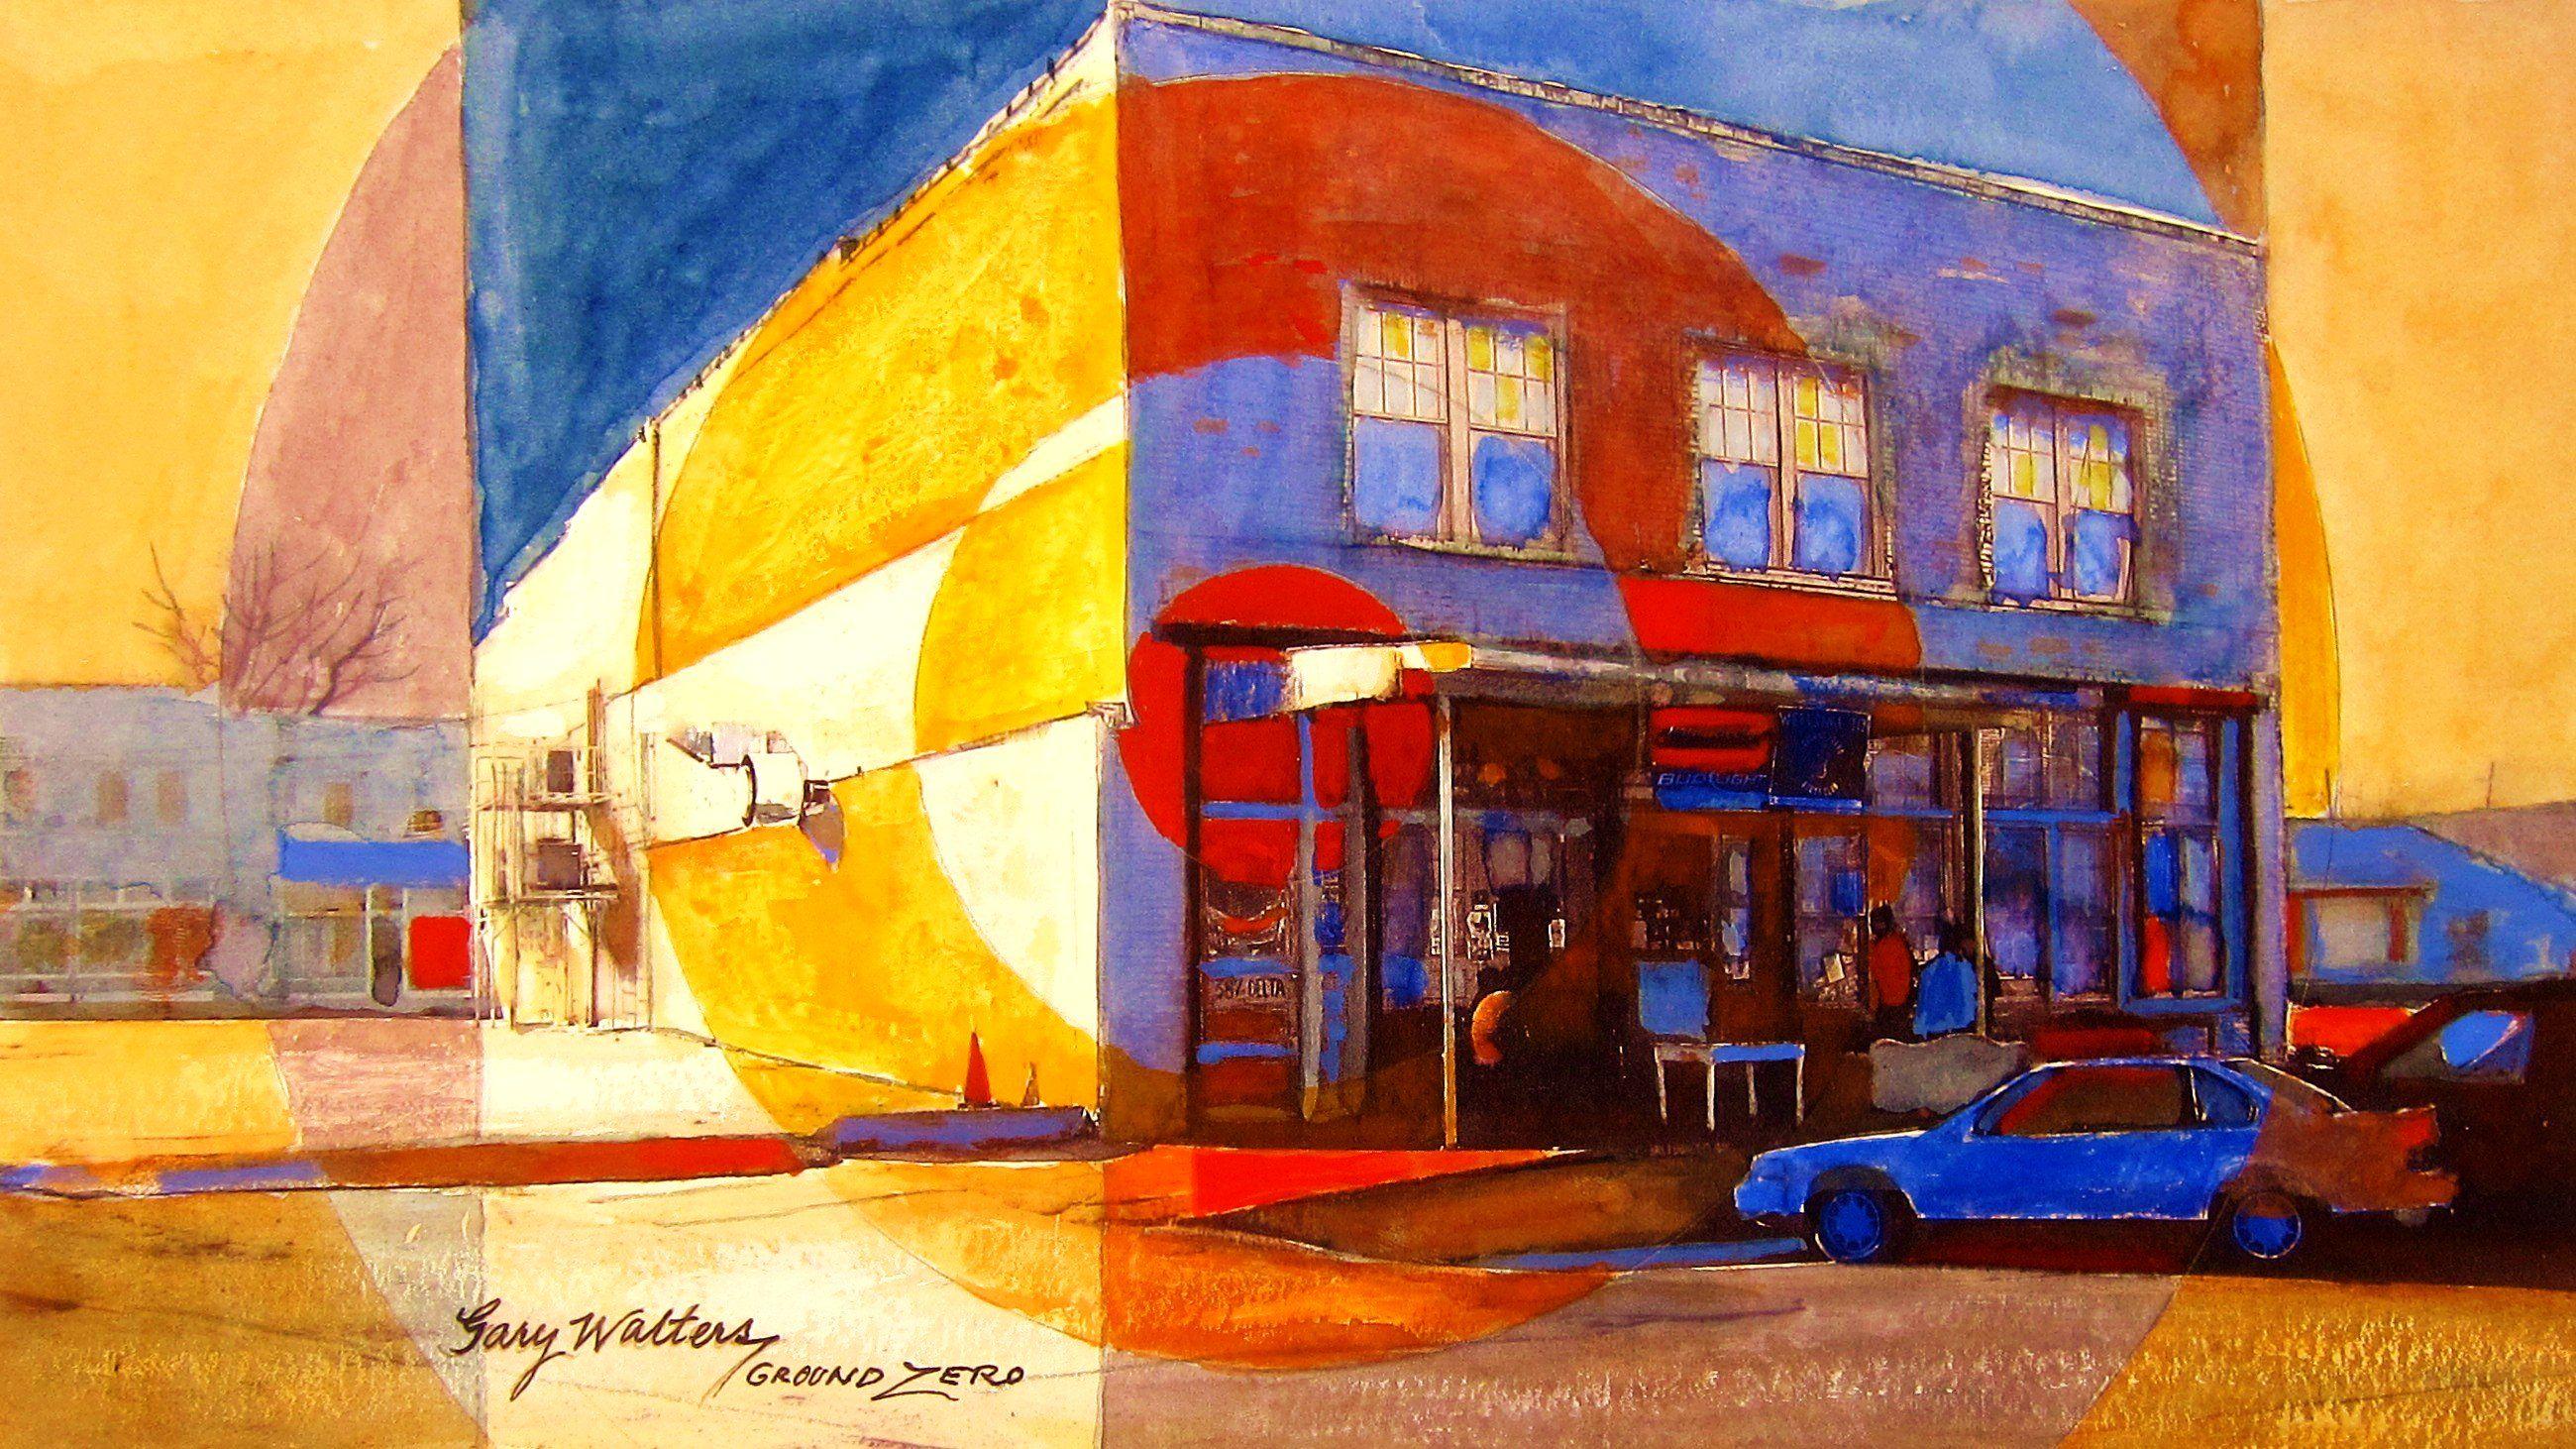 Ground ZERO BLUES CLUB - ------------------- Gary Walters